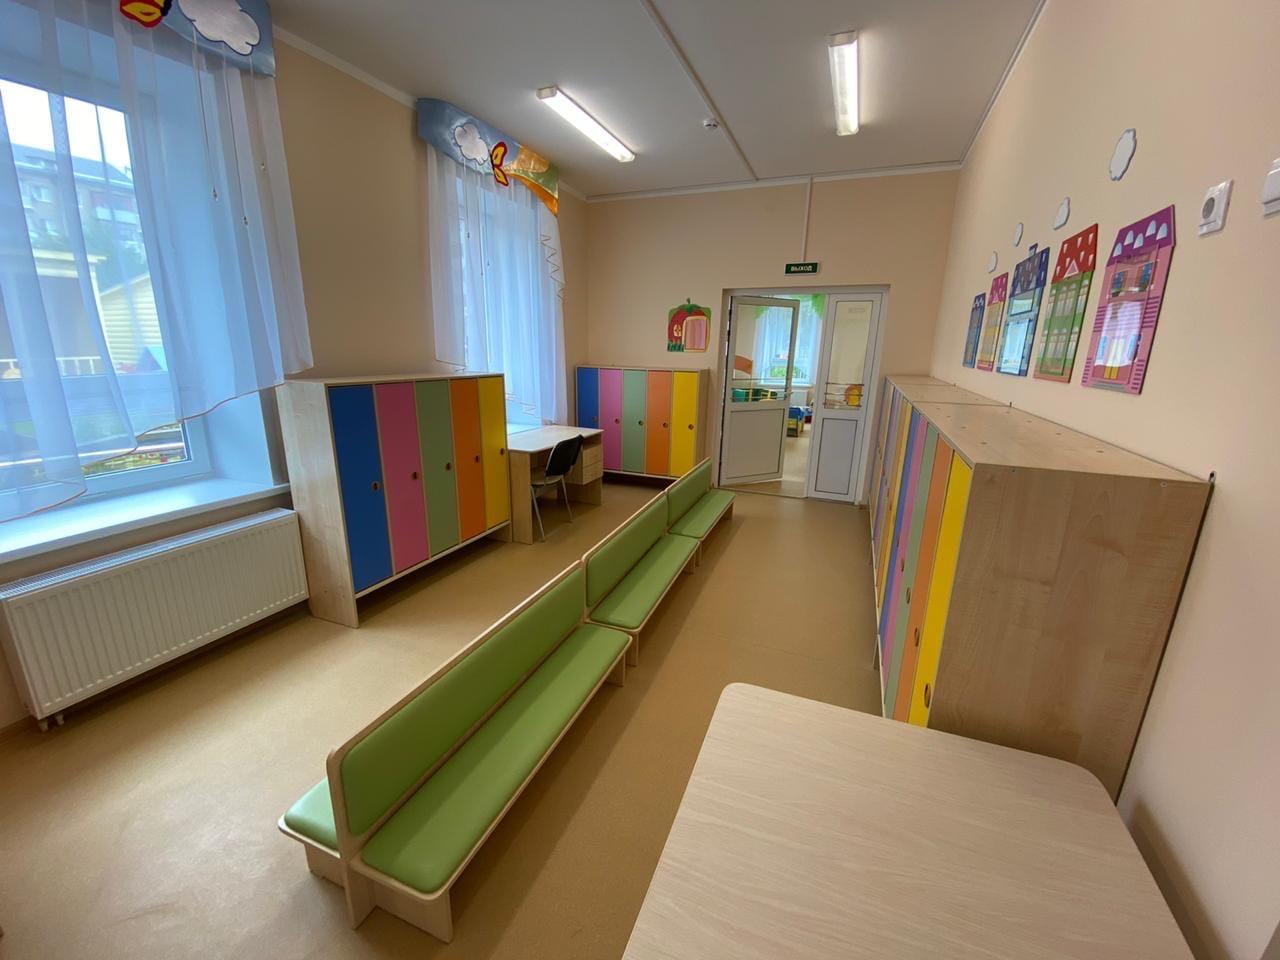 Дмитрий Миронов: пять детских садов и яслей построим в регионе в этом году